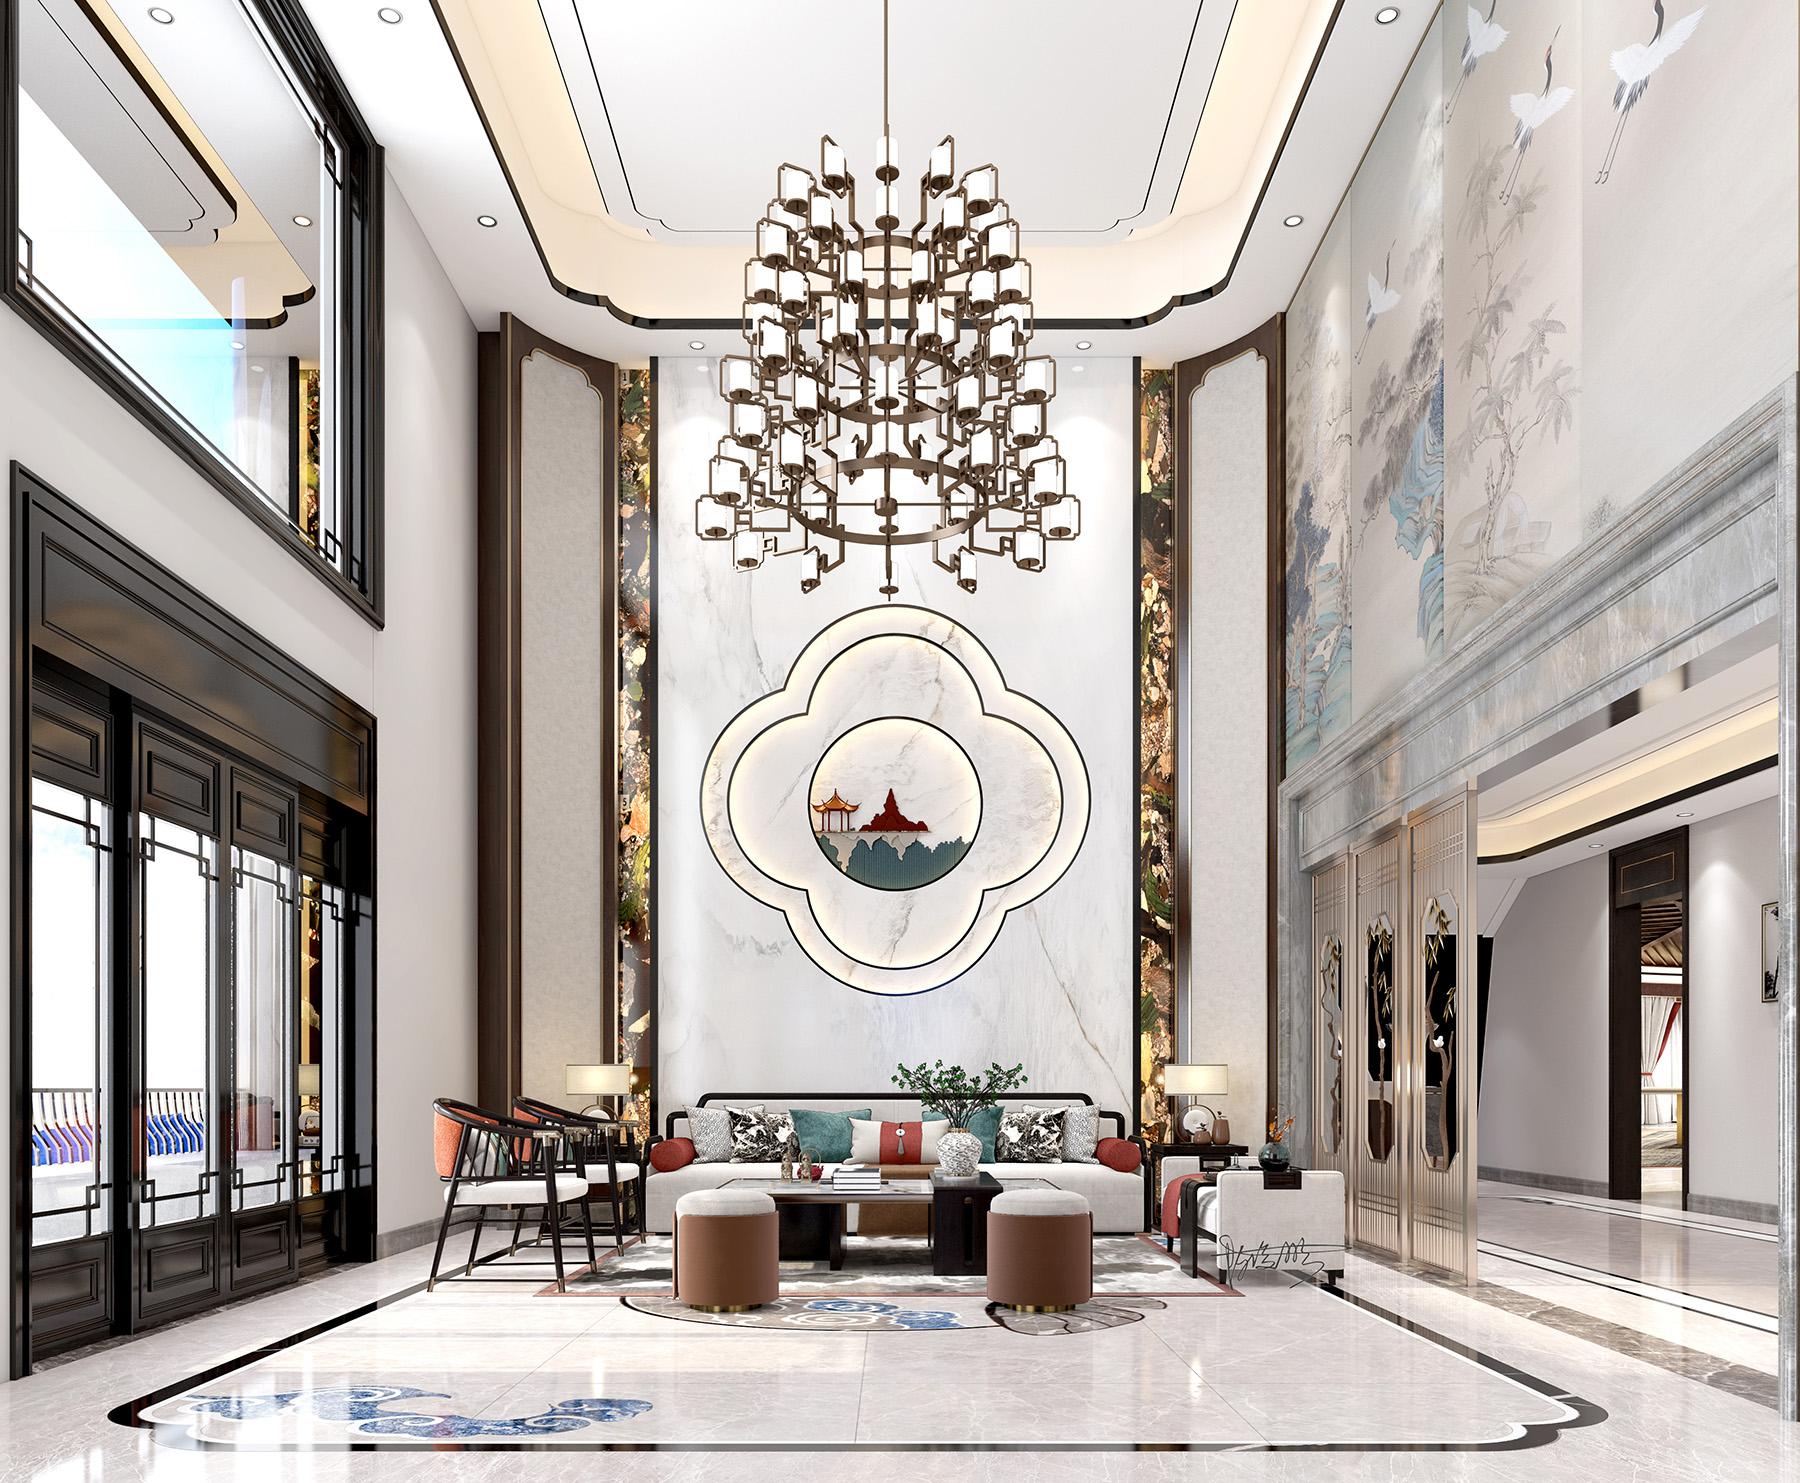 室外清约苏式园林/搭配室内内饰新中式整体别墅改造